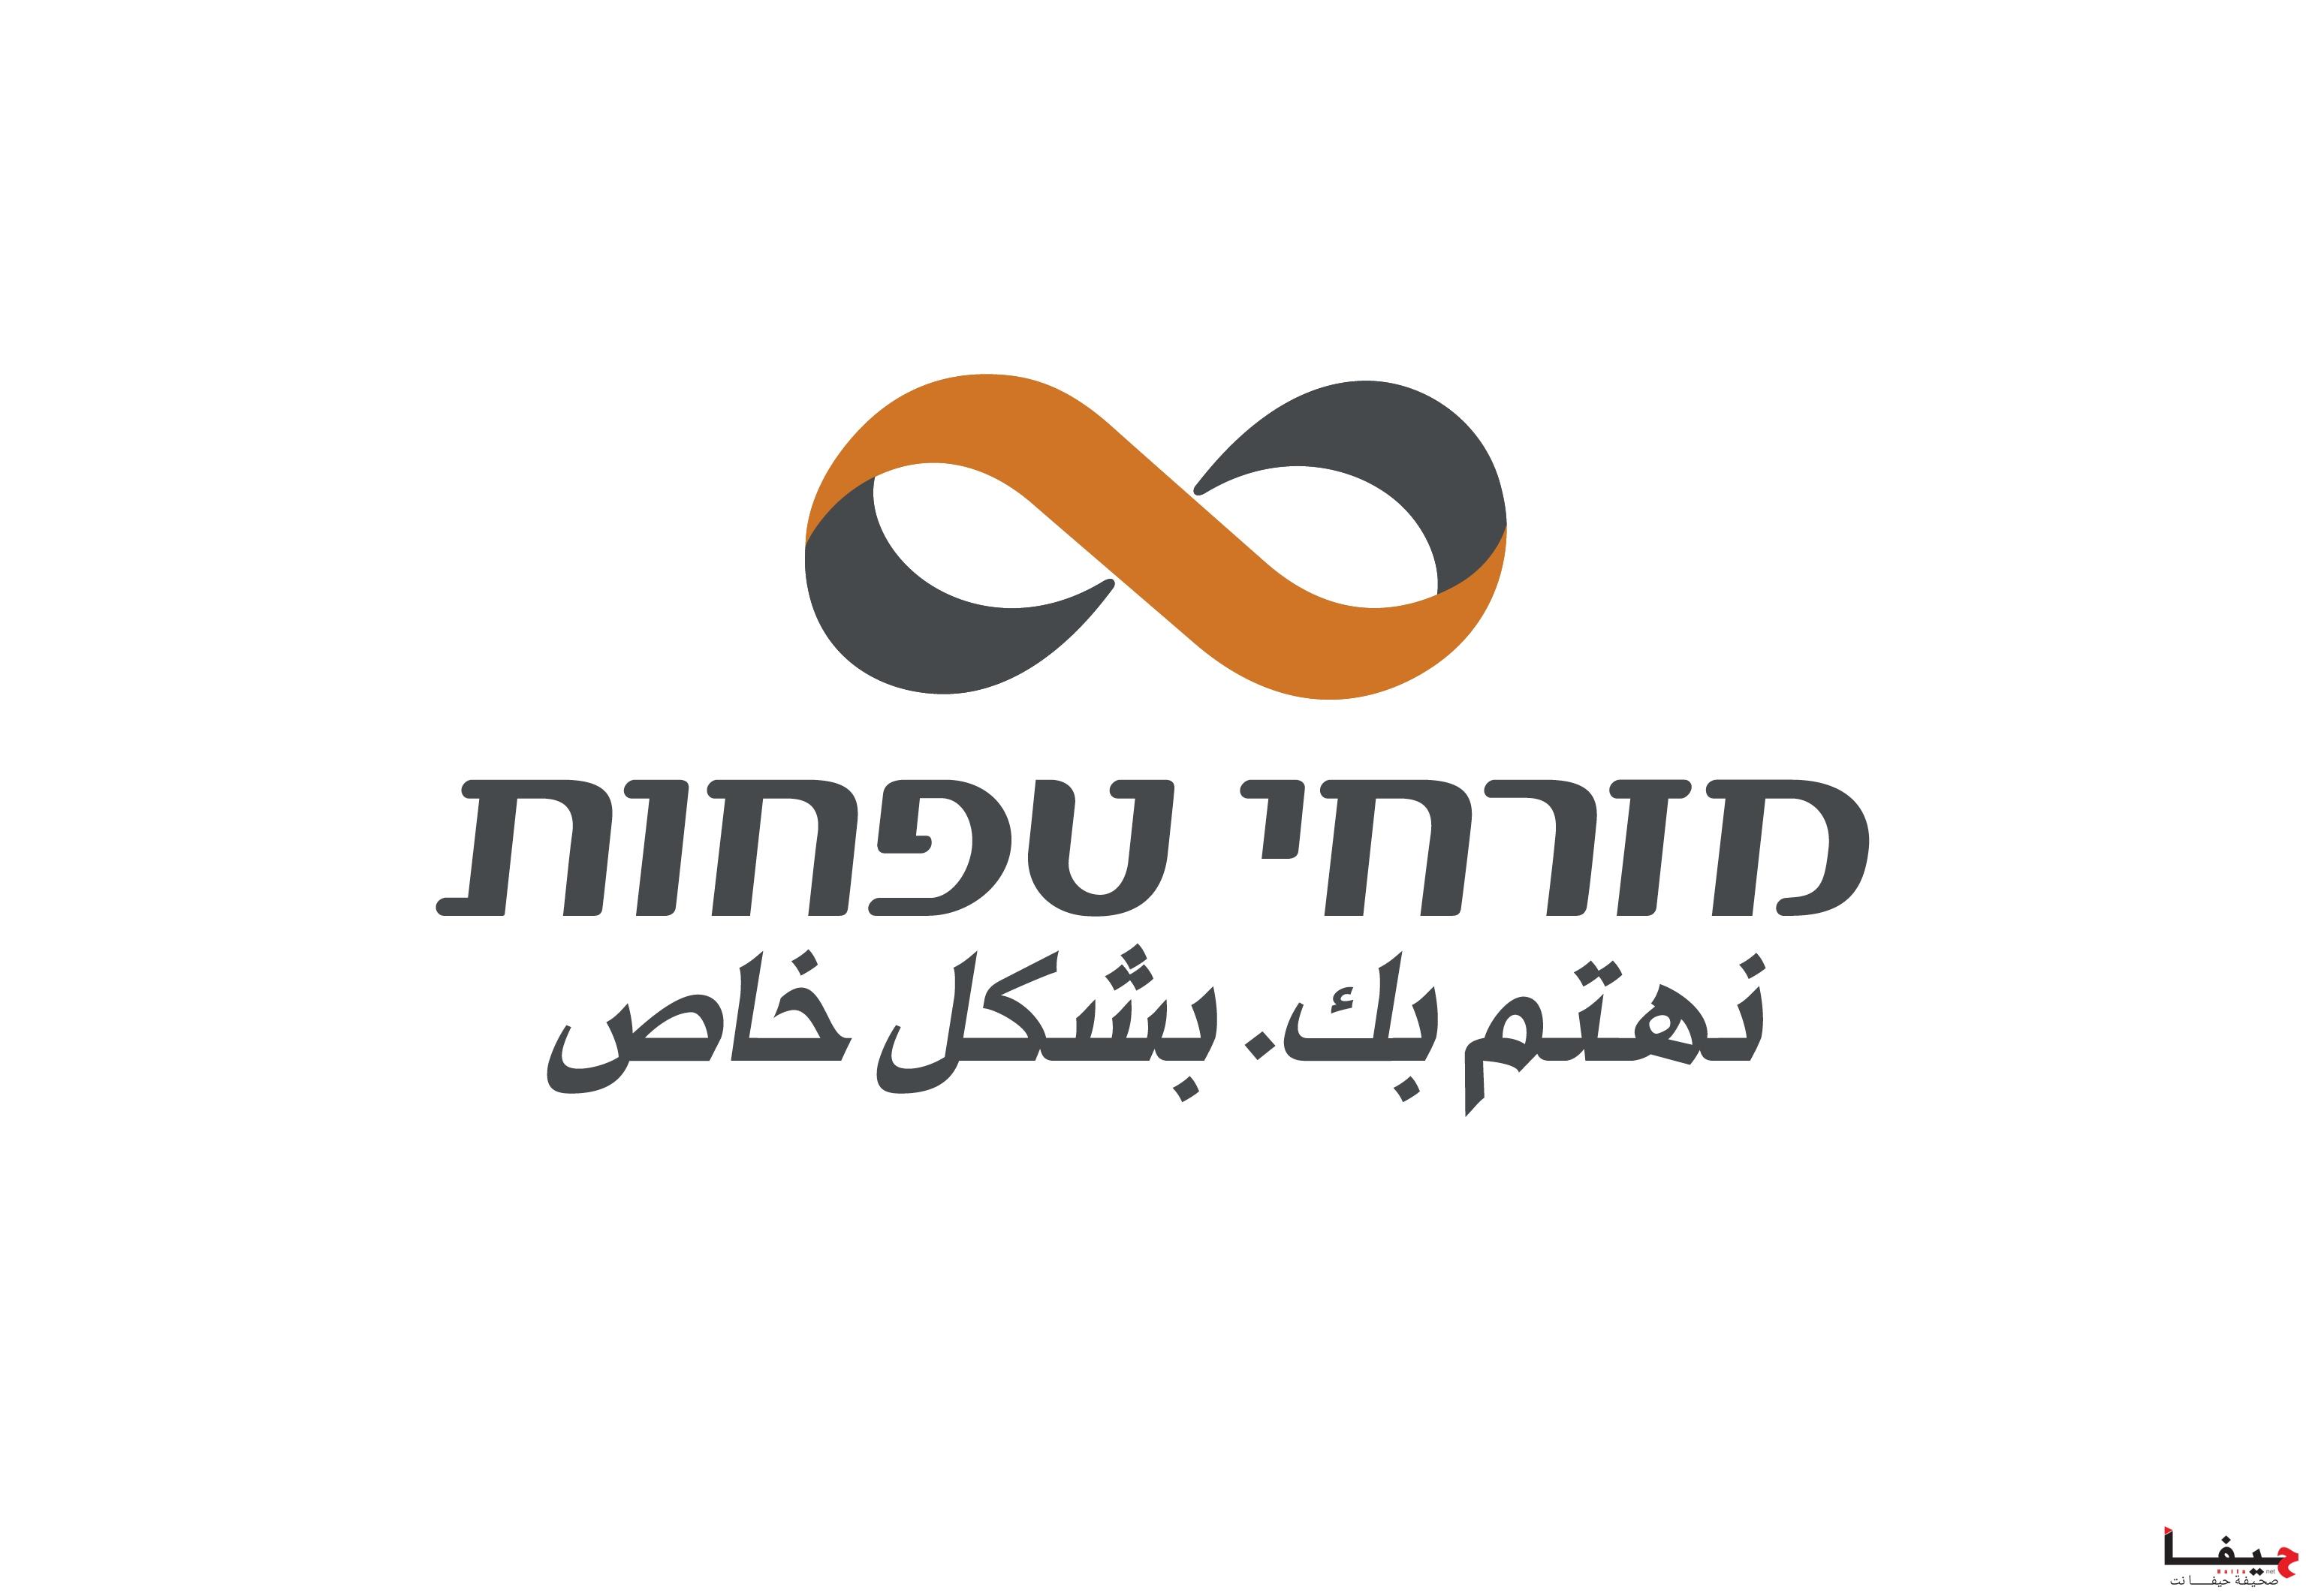 MZR_logo (4)